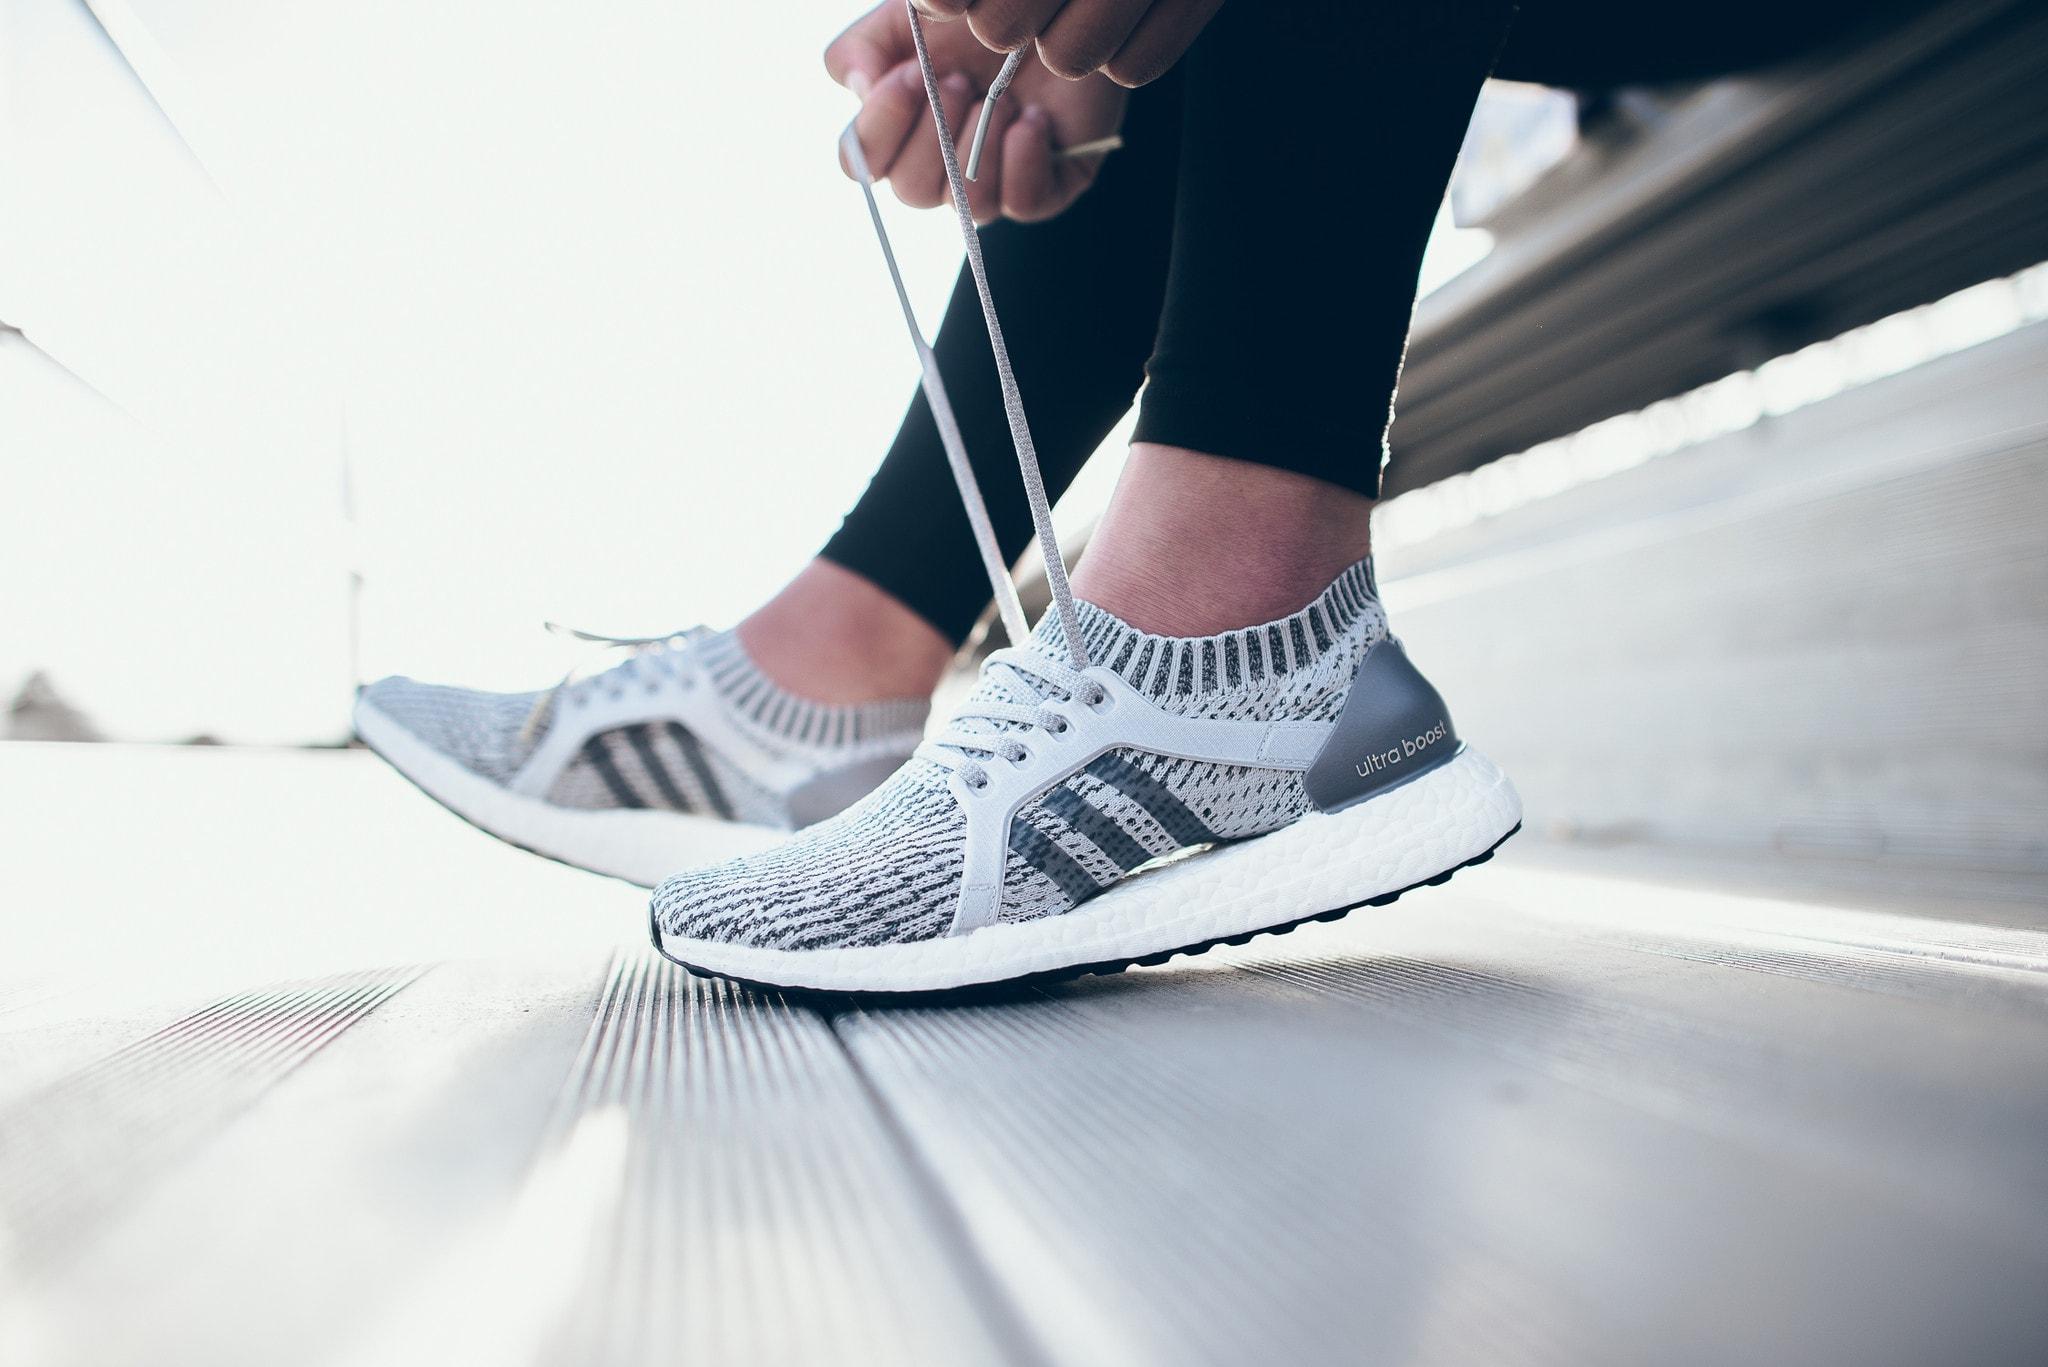 Kết quả hình ảnh cho Những lợi ích của giày thể thao và mẹo chọn cực chuẩn